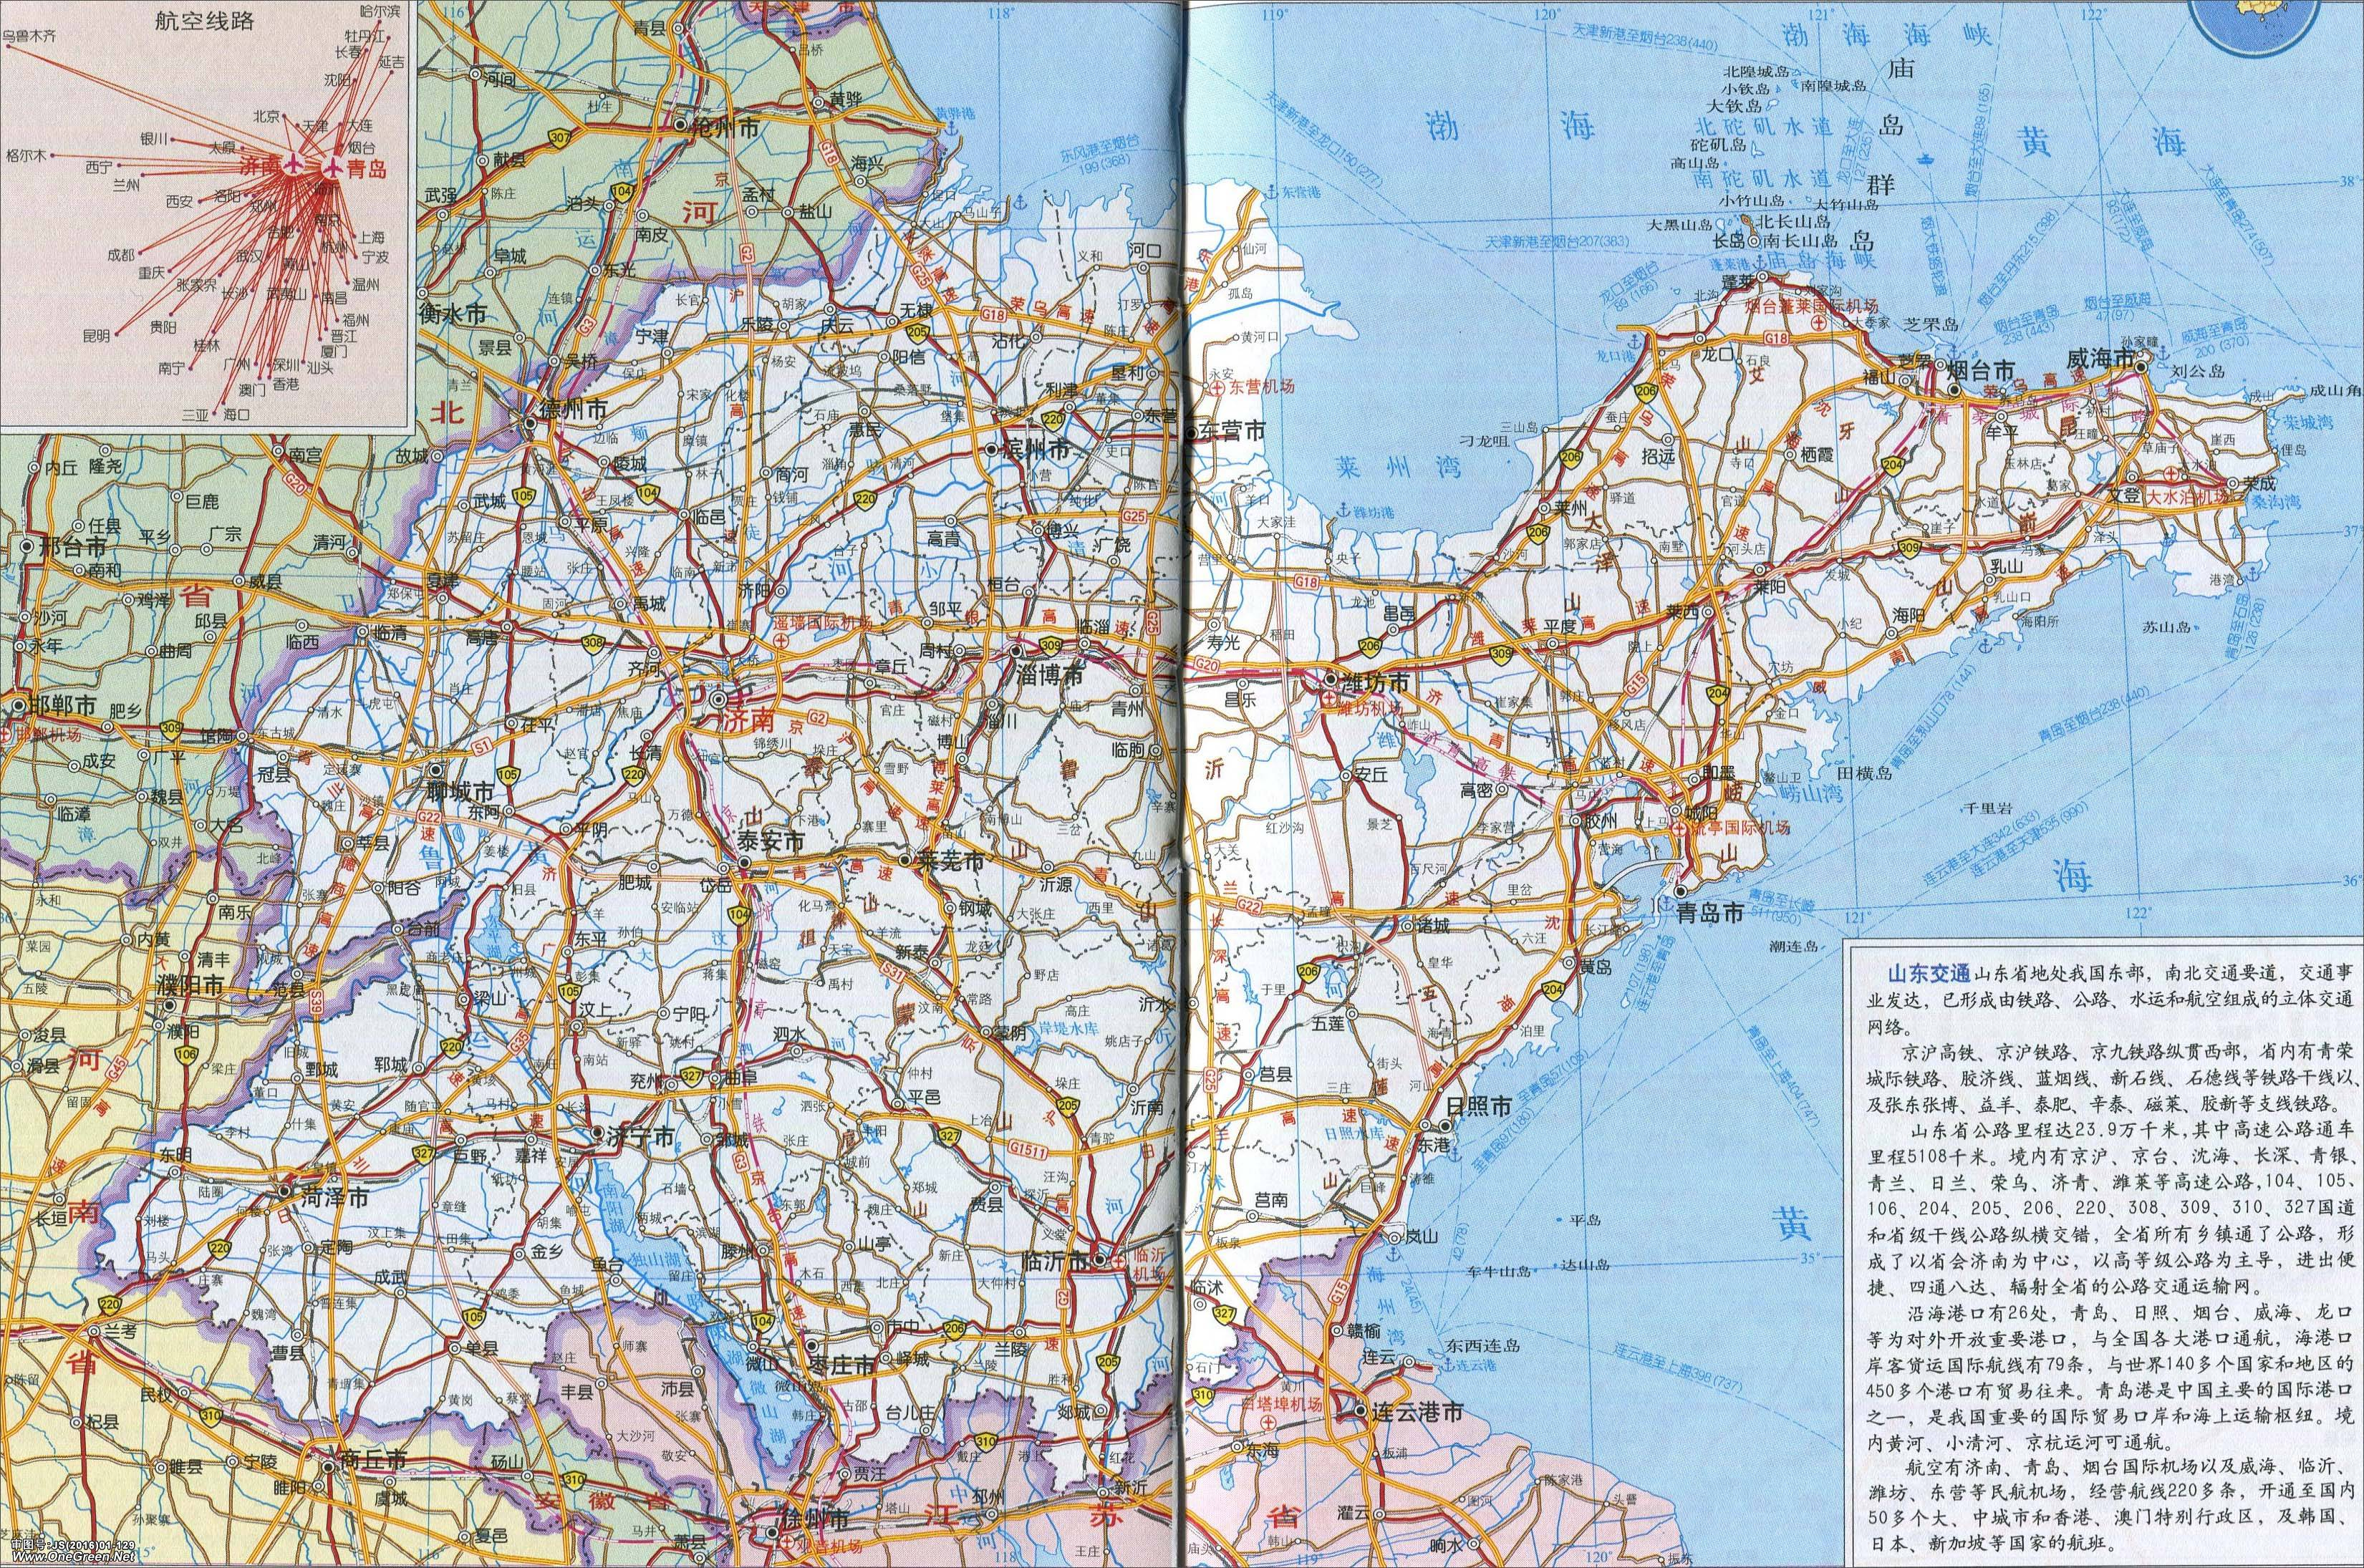 山东地图全图高清版